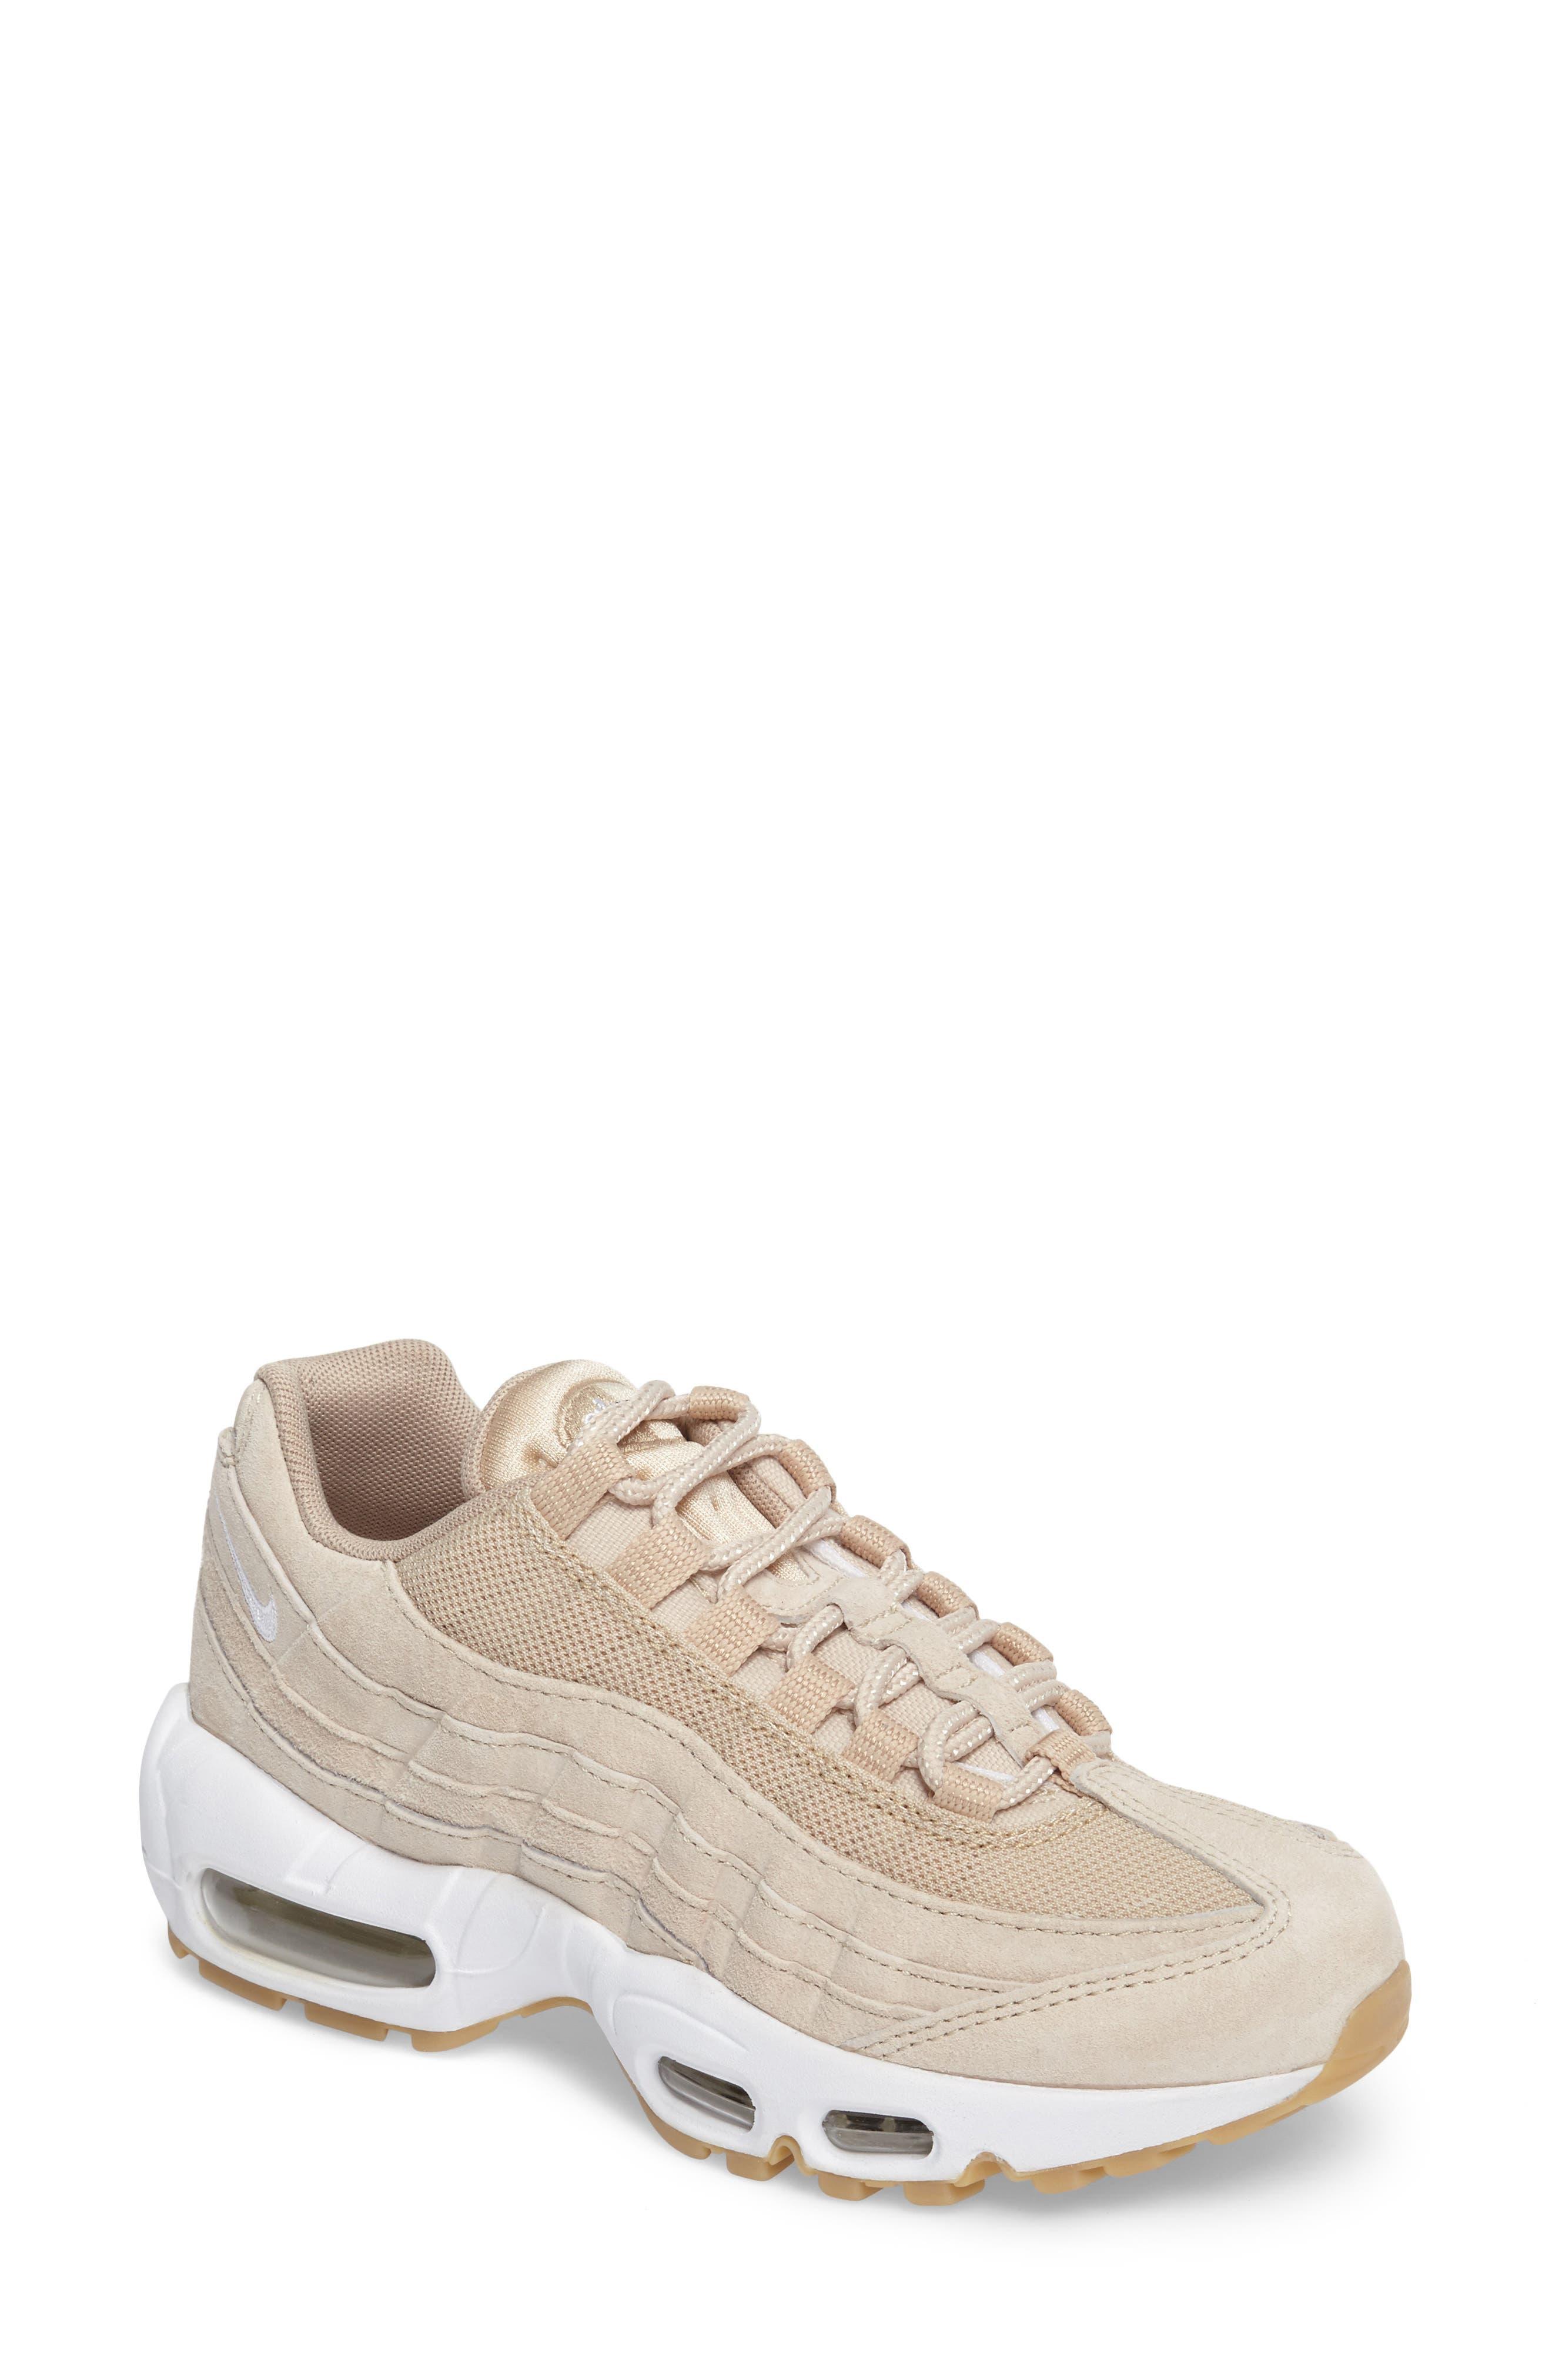 Air Max 95 SD Sneaker,                             Main thumbnail 1, color,                             Oatmeal/ White